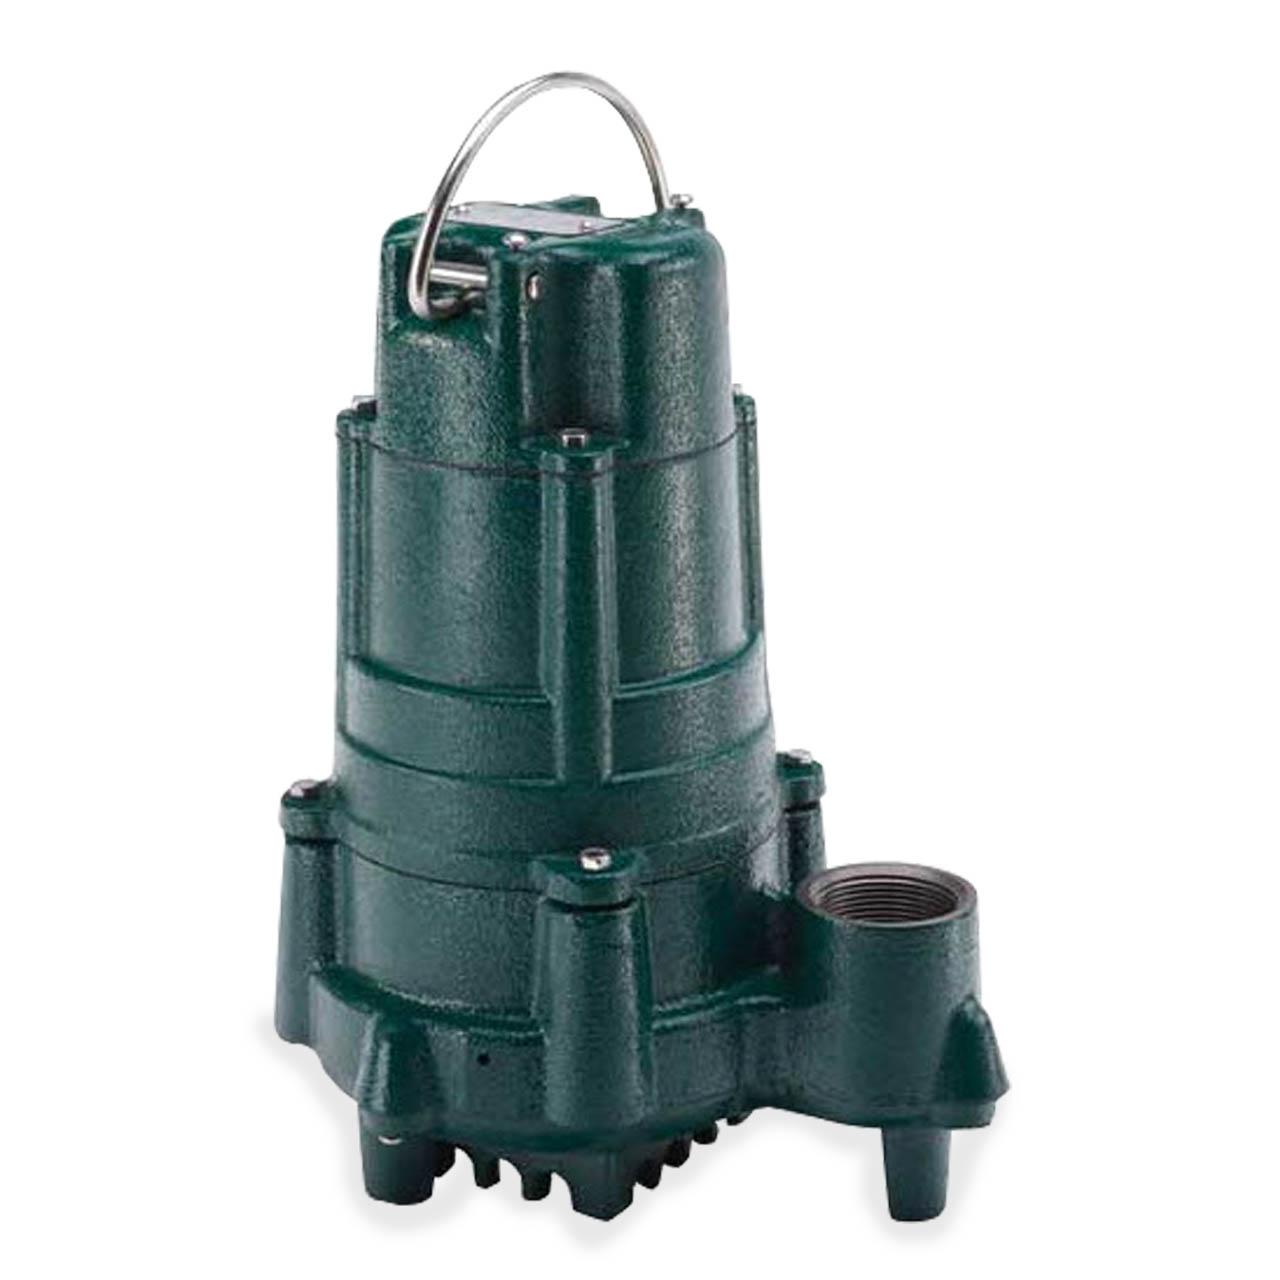 Zoeller Zoeller 140 0007 Model N140 Sump Amp Effluent Pump